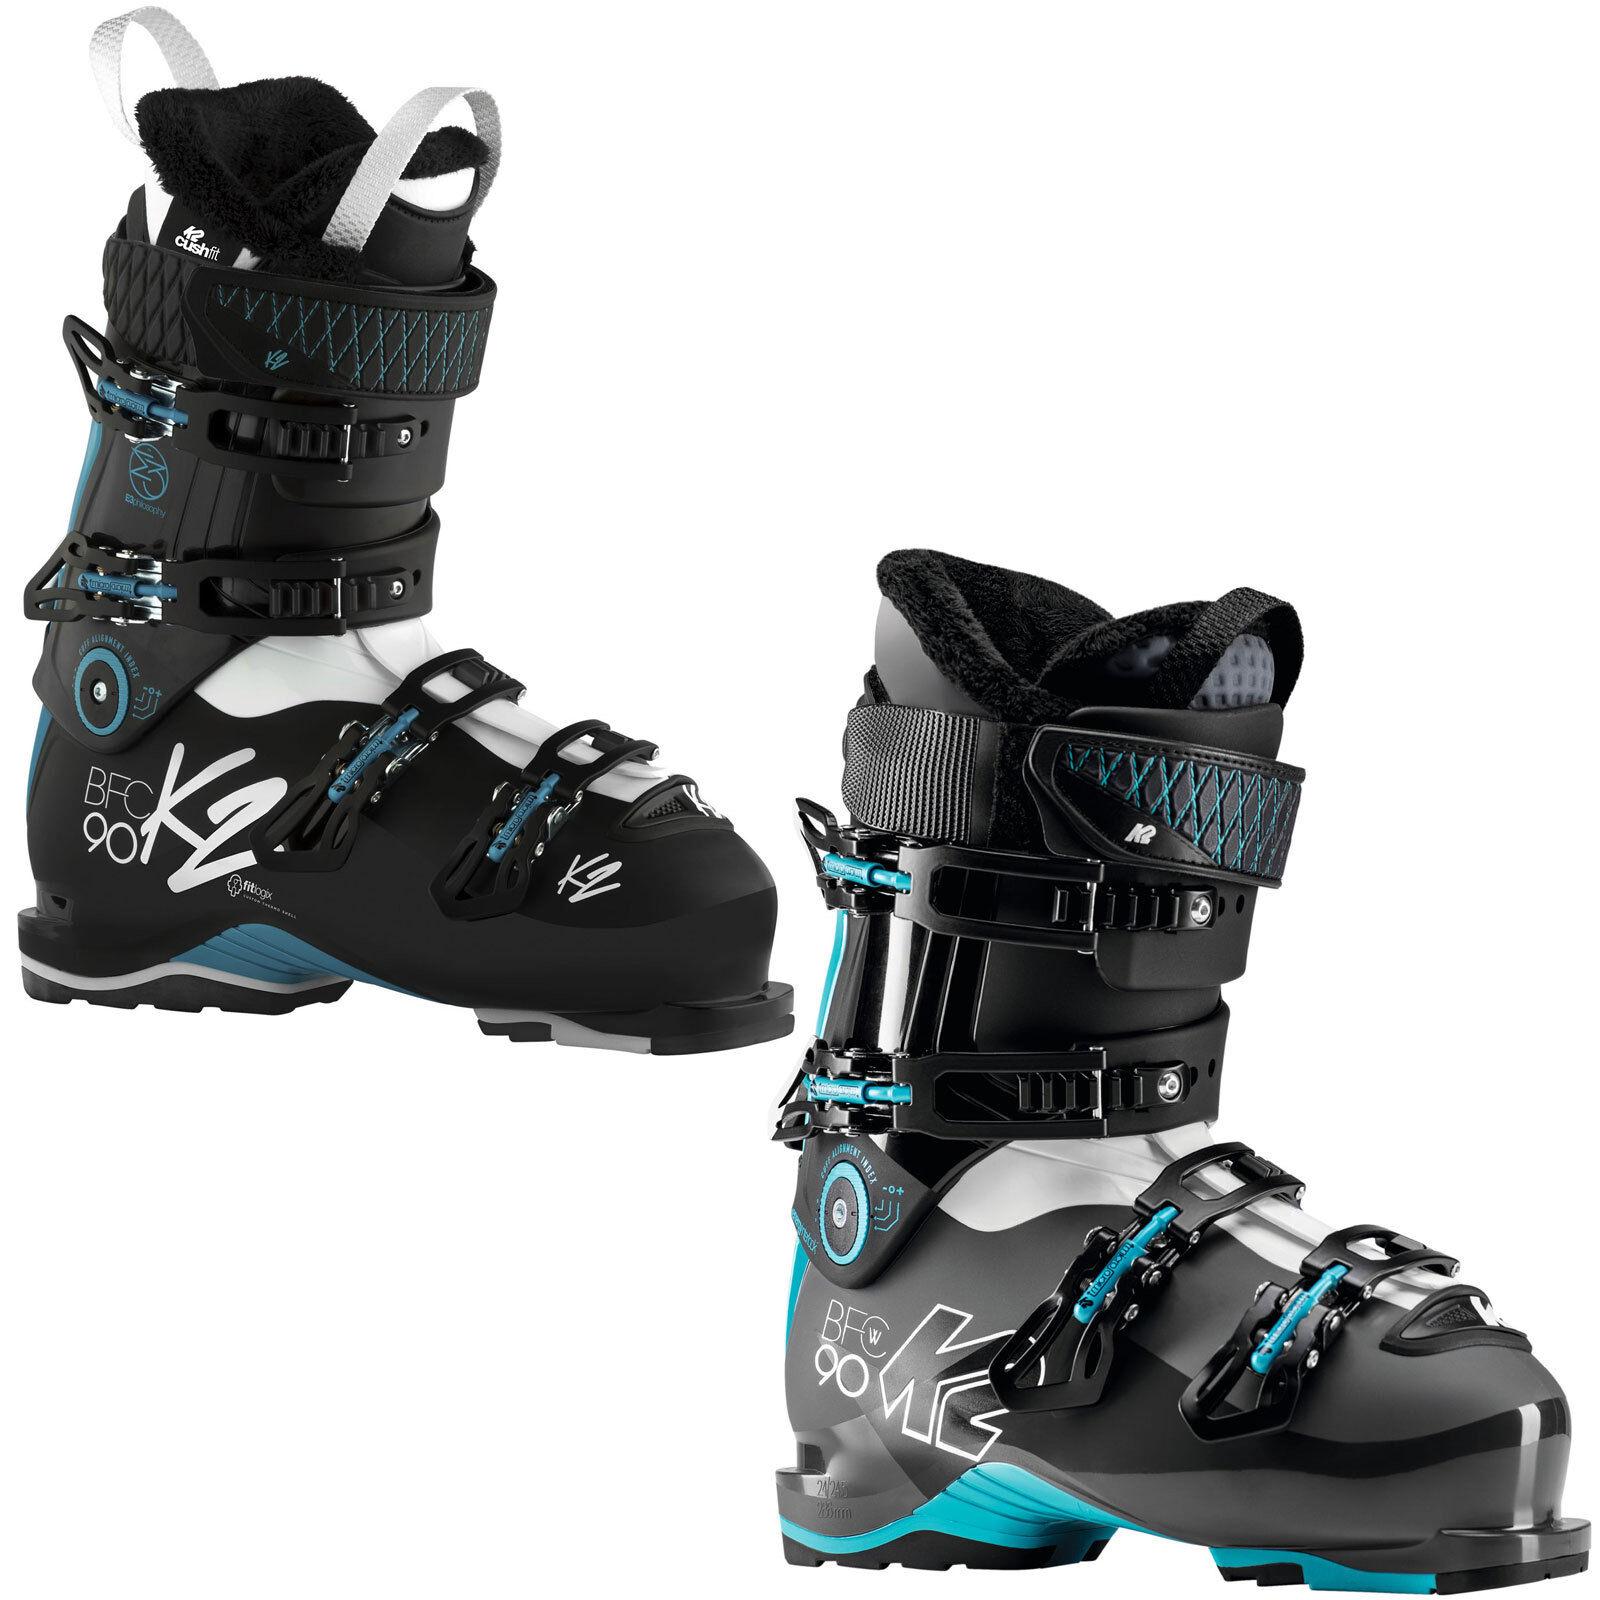 K2 Bfc W 90 Damen Ski Stiefel 4-schnallen Ski Stiefel All-Mountain Frauen-Stiefel